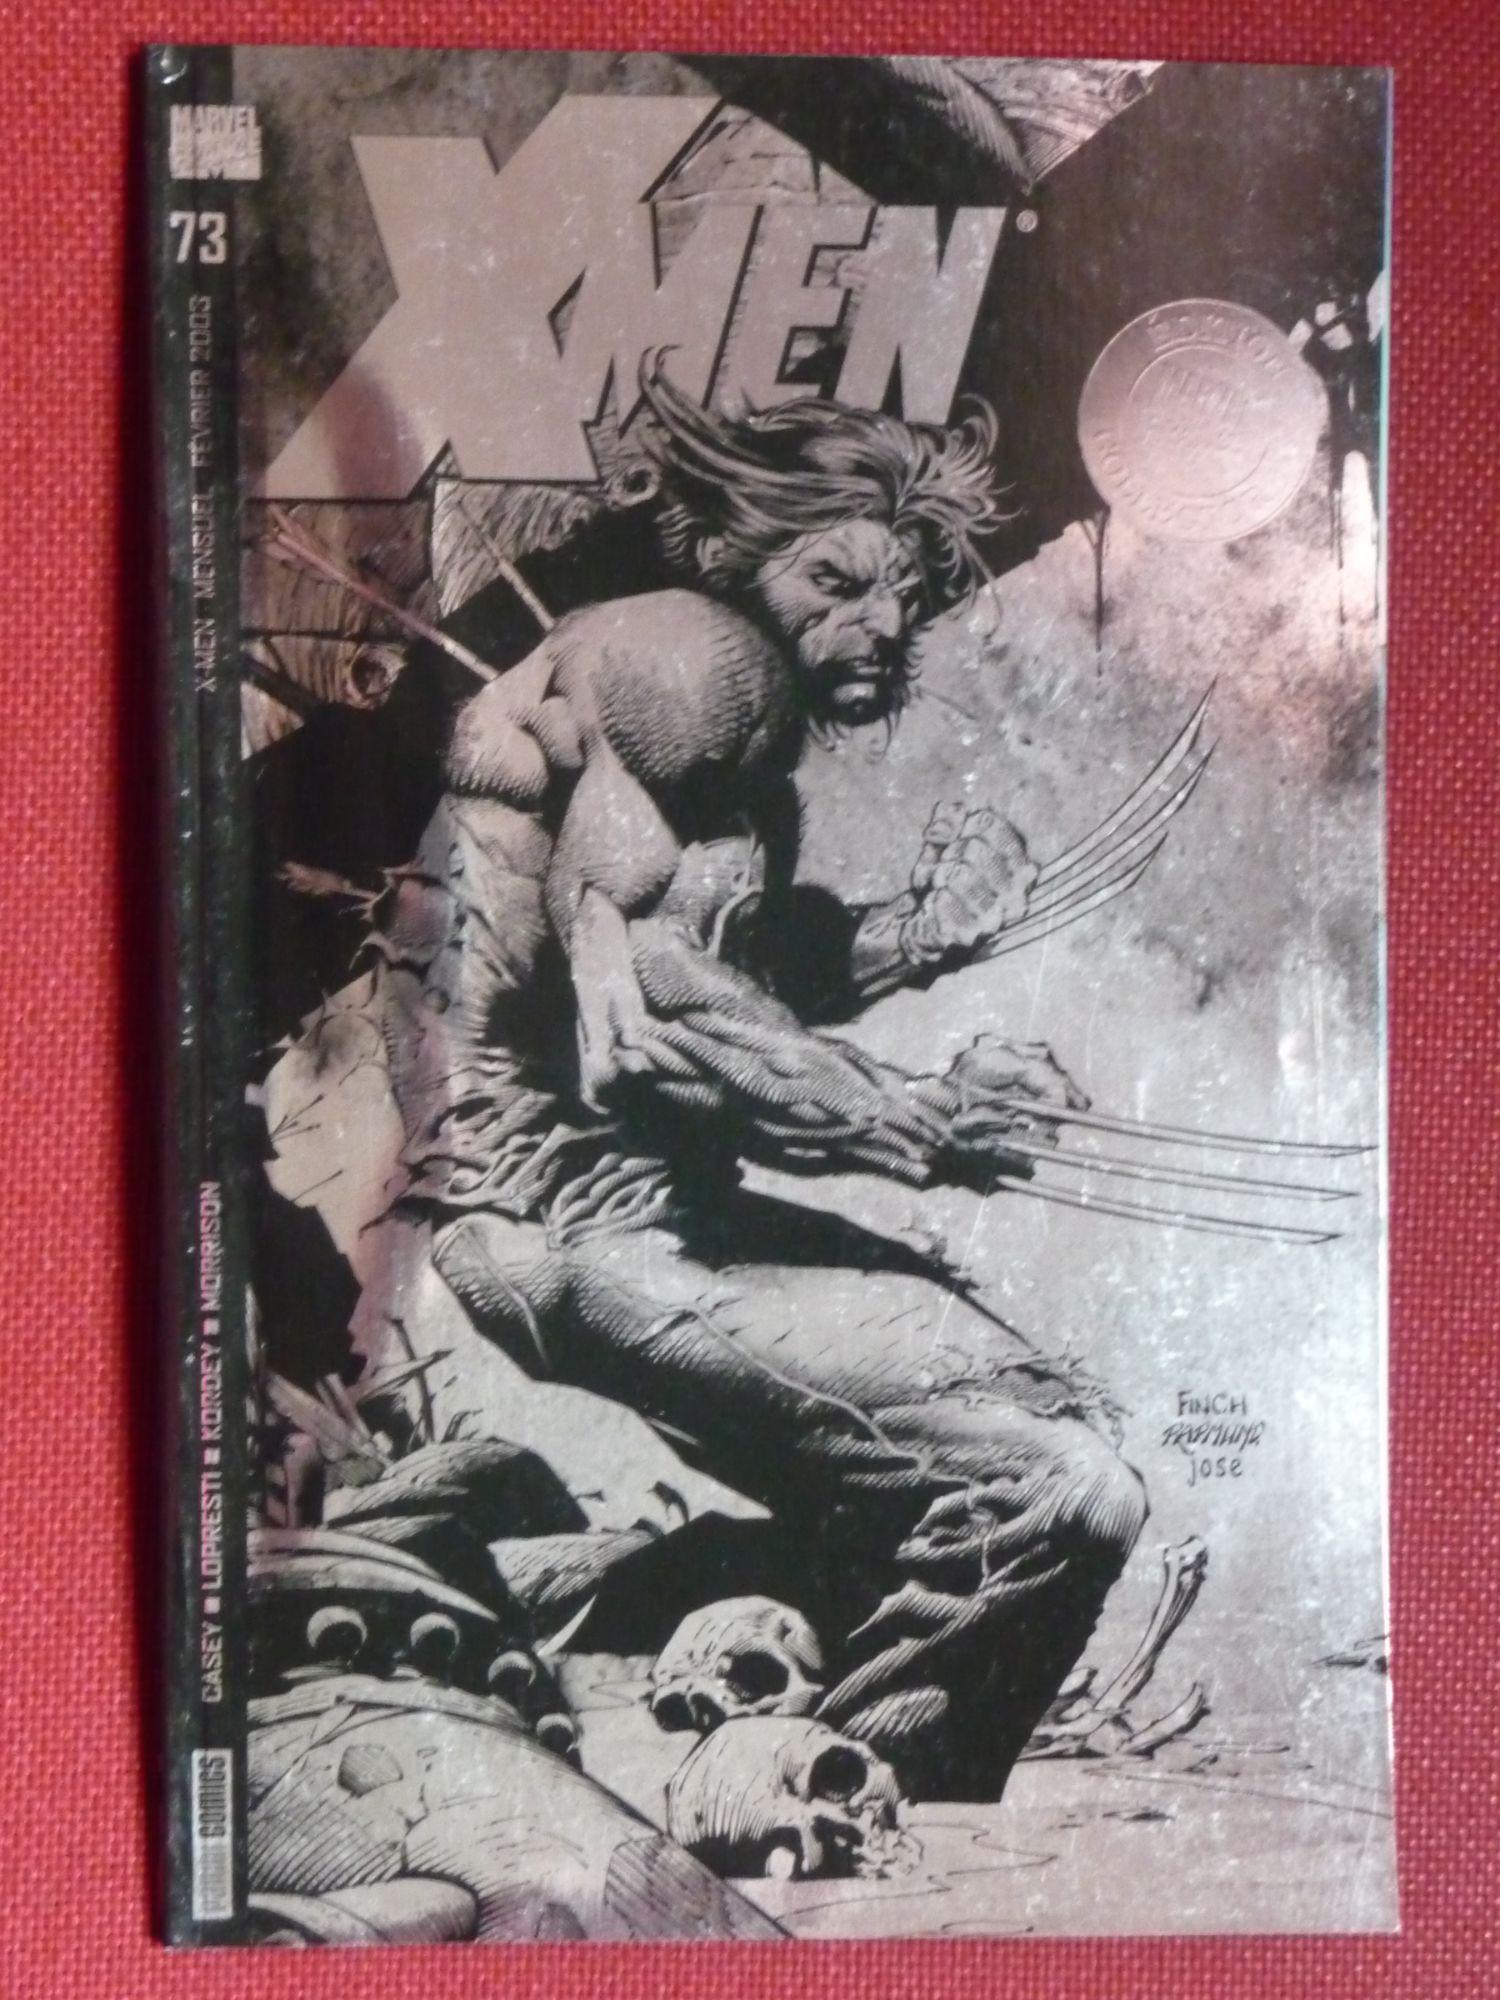 X-Men 73 - Couverture variant rare